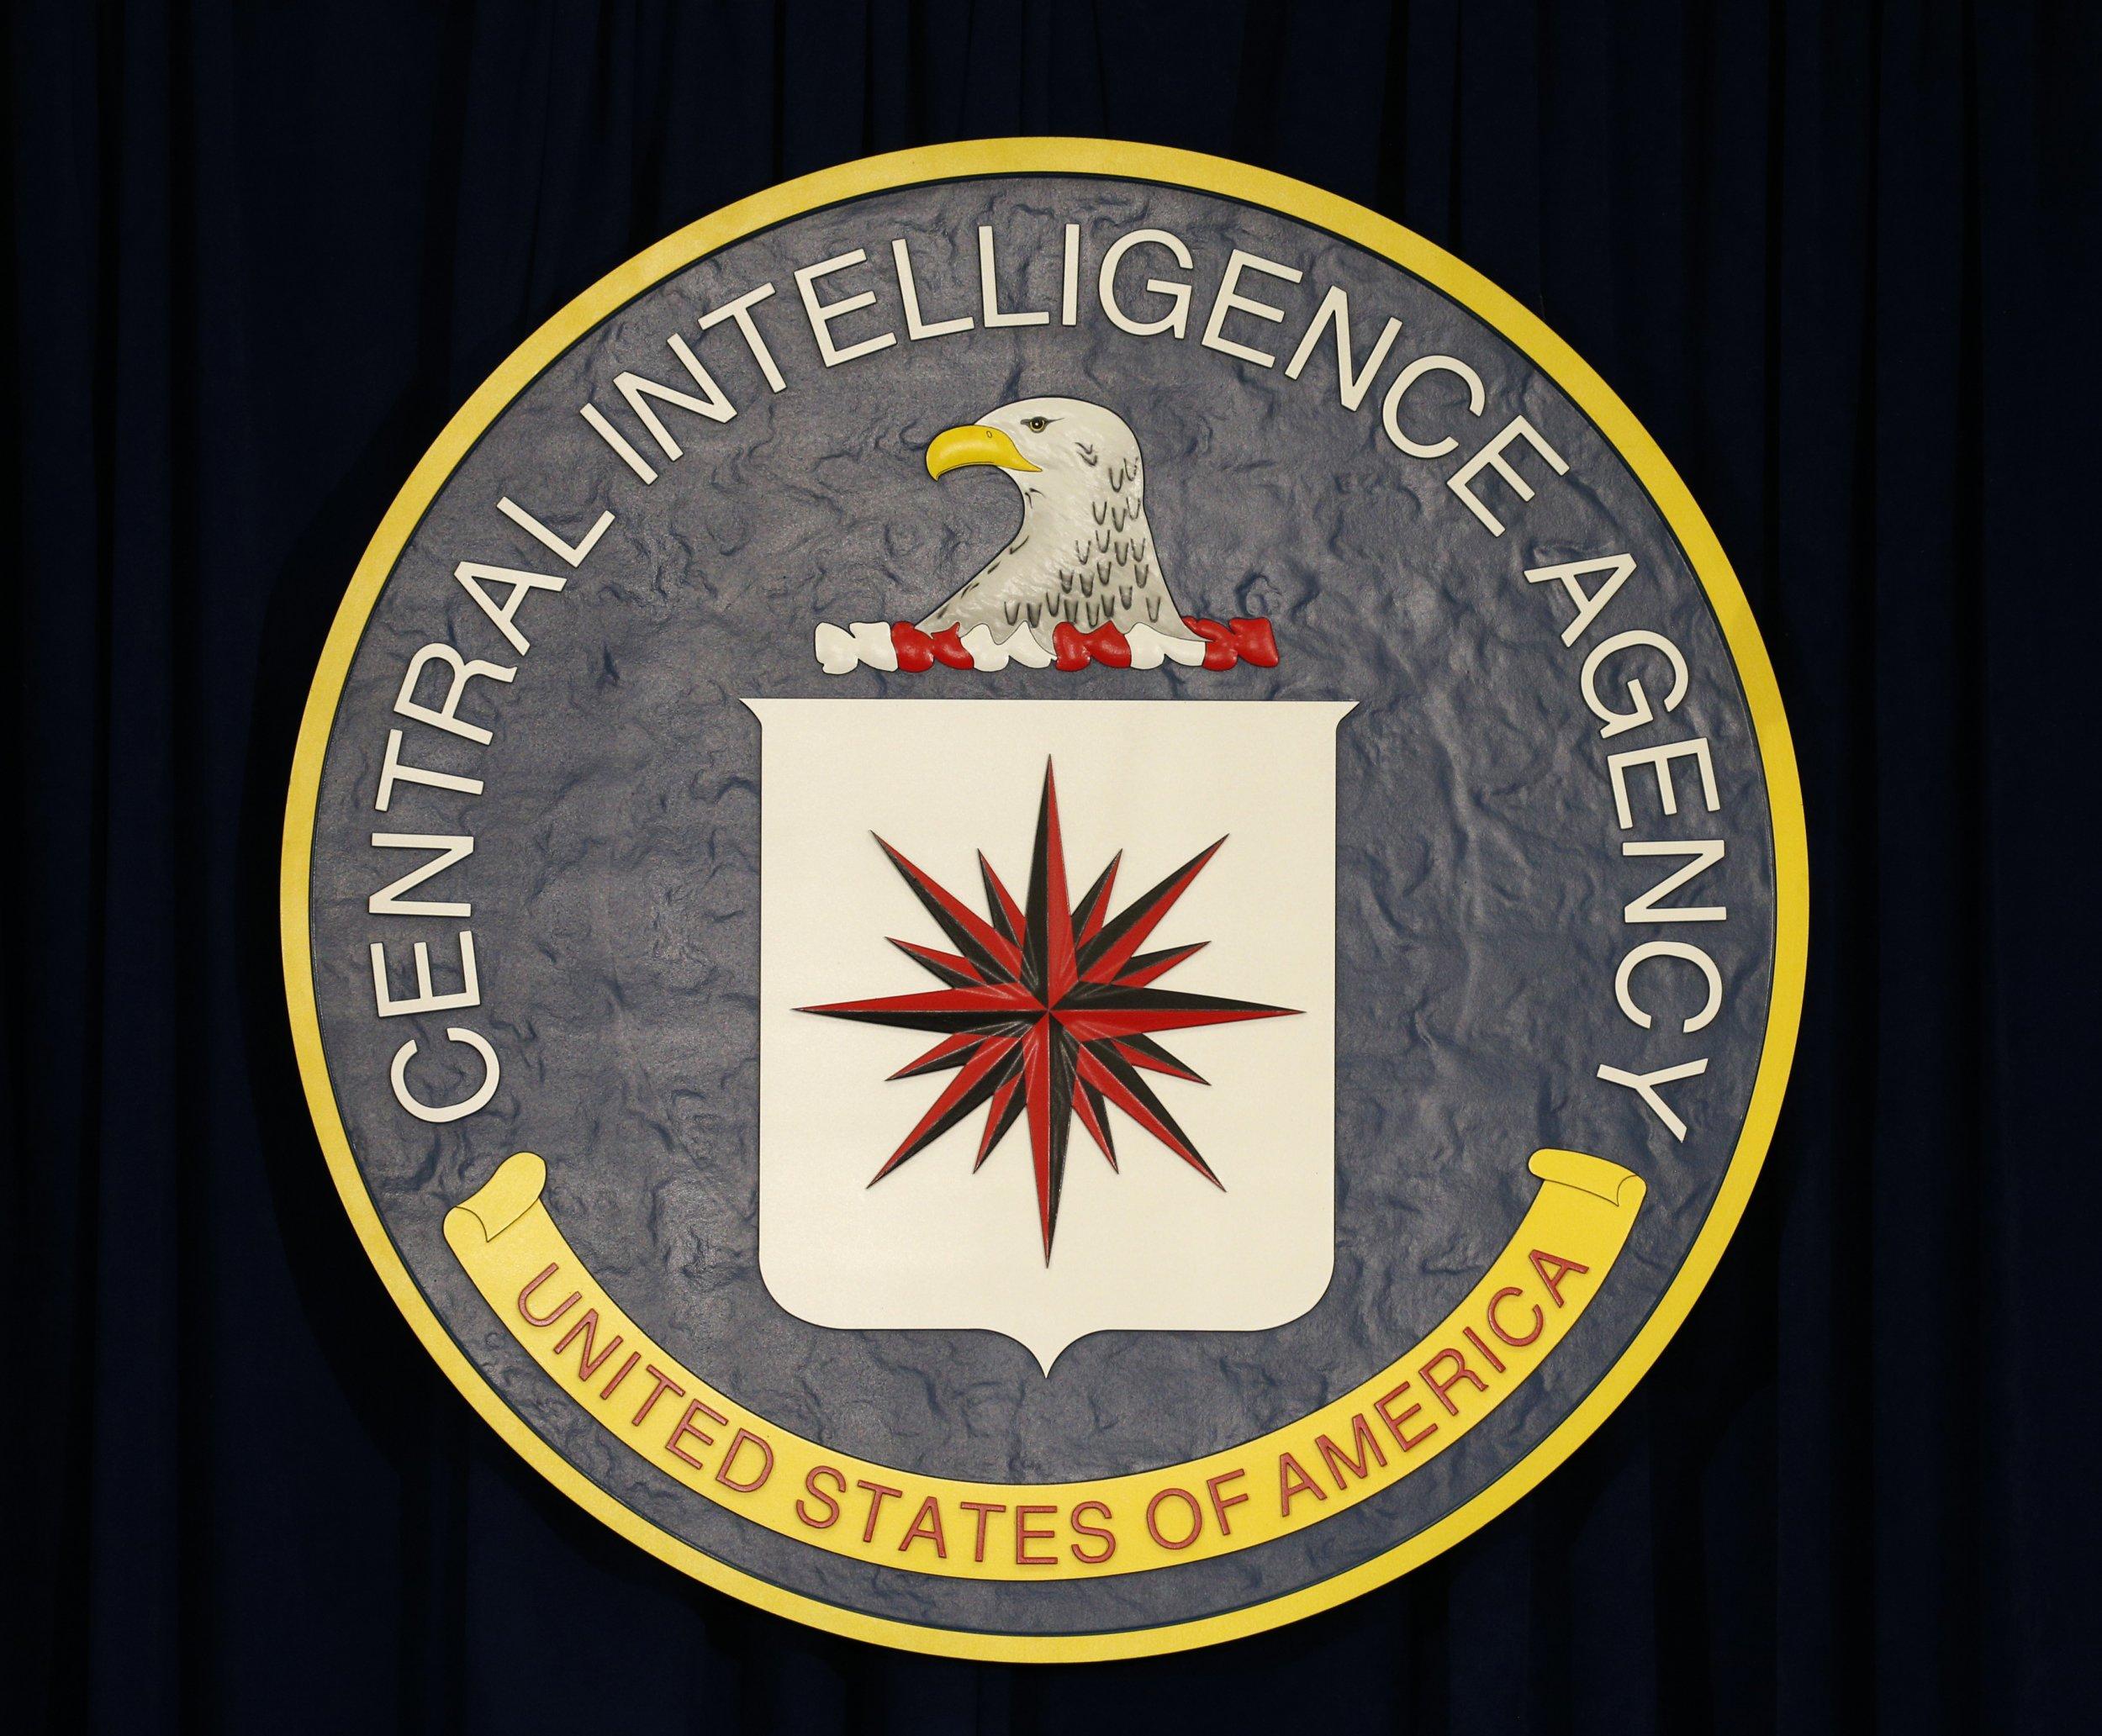 05_13_CIA_Torture_01